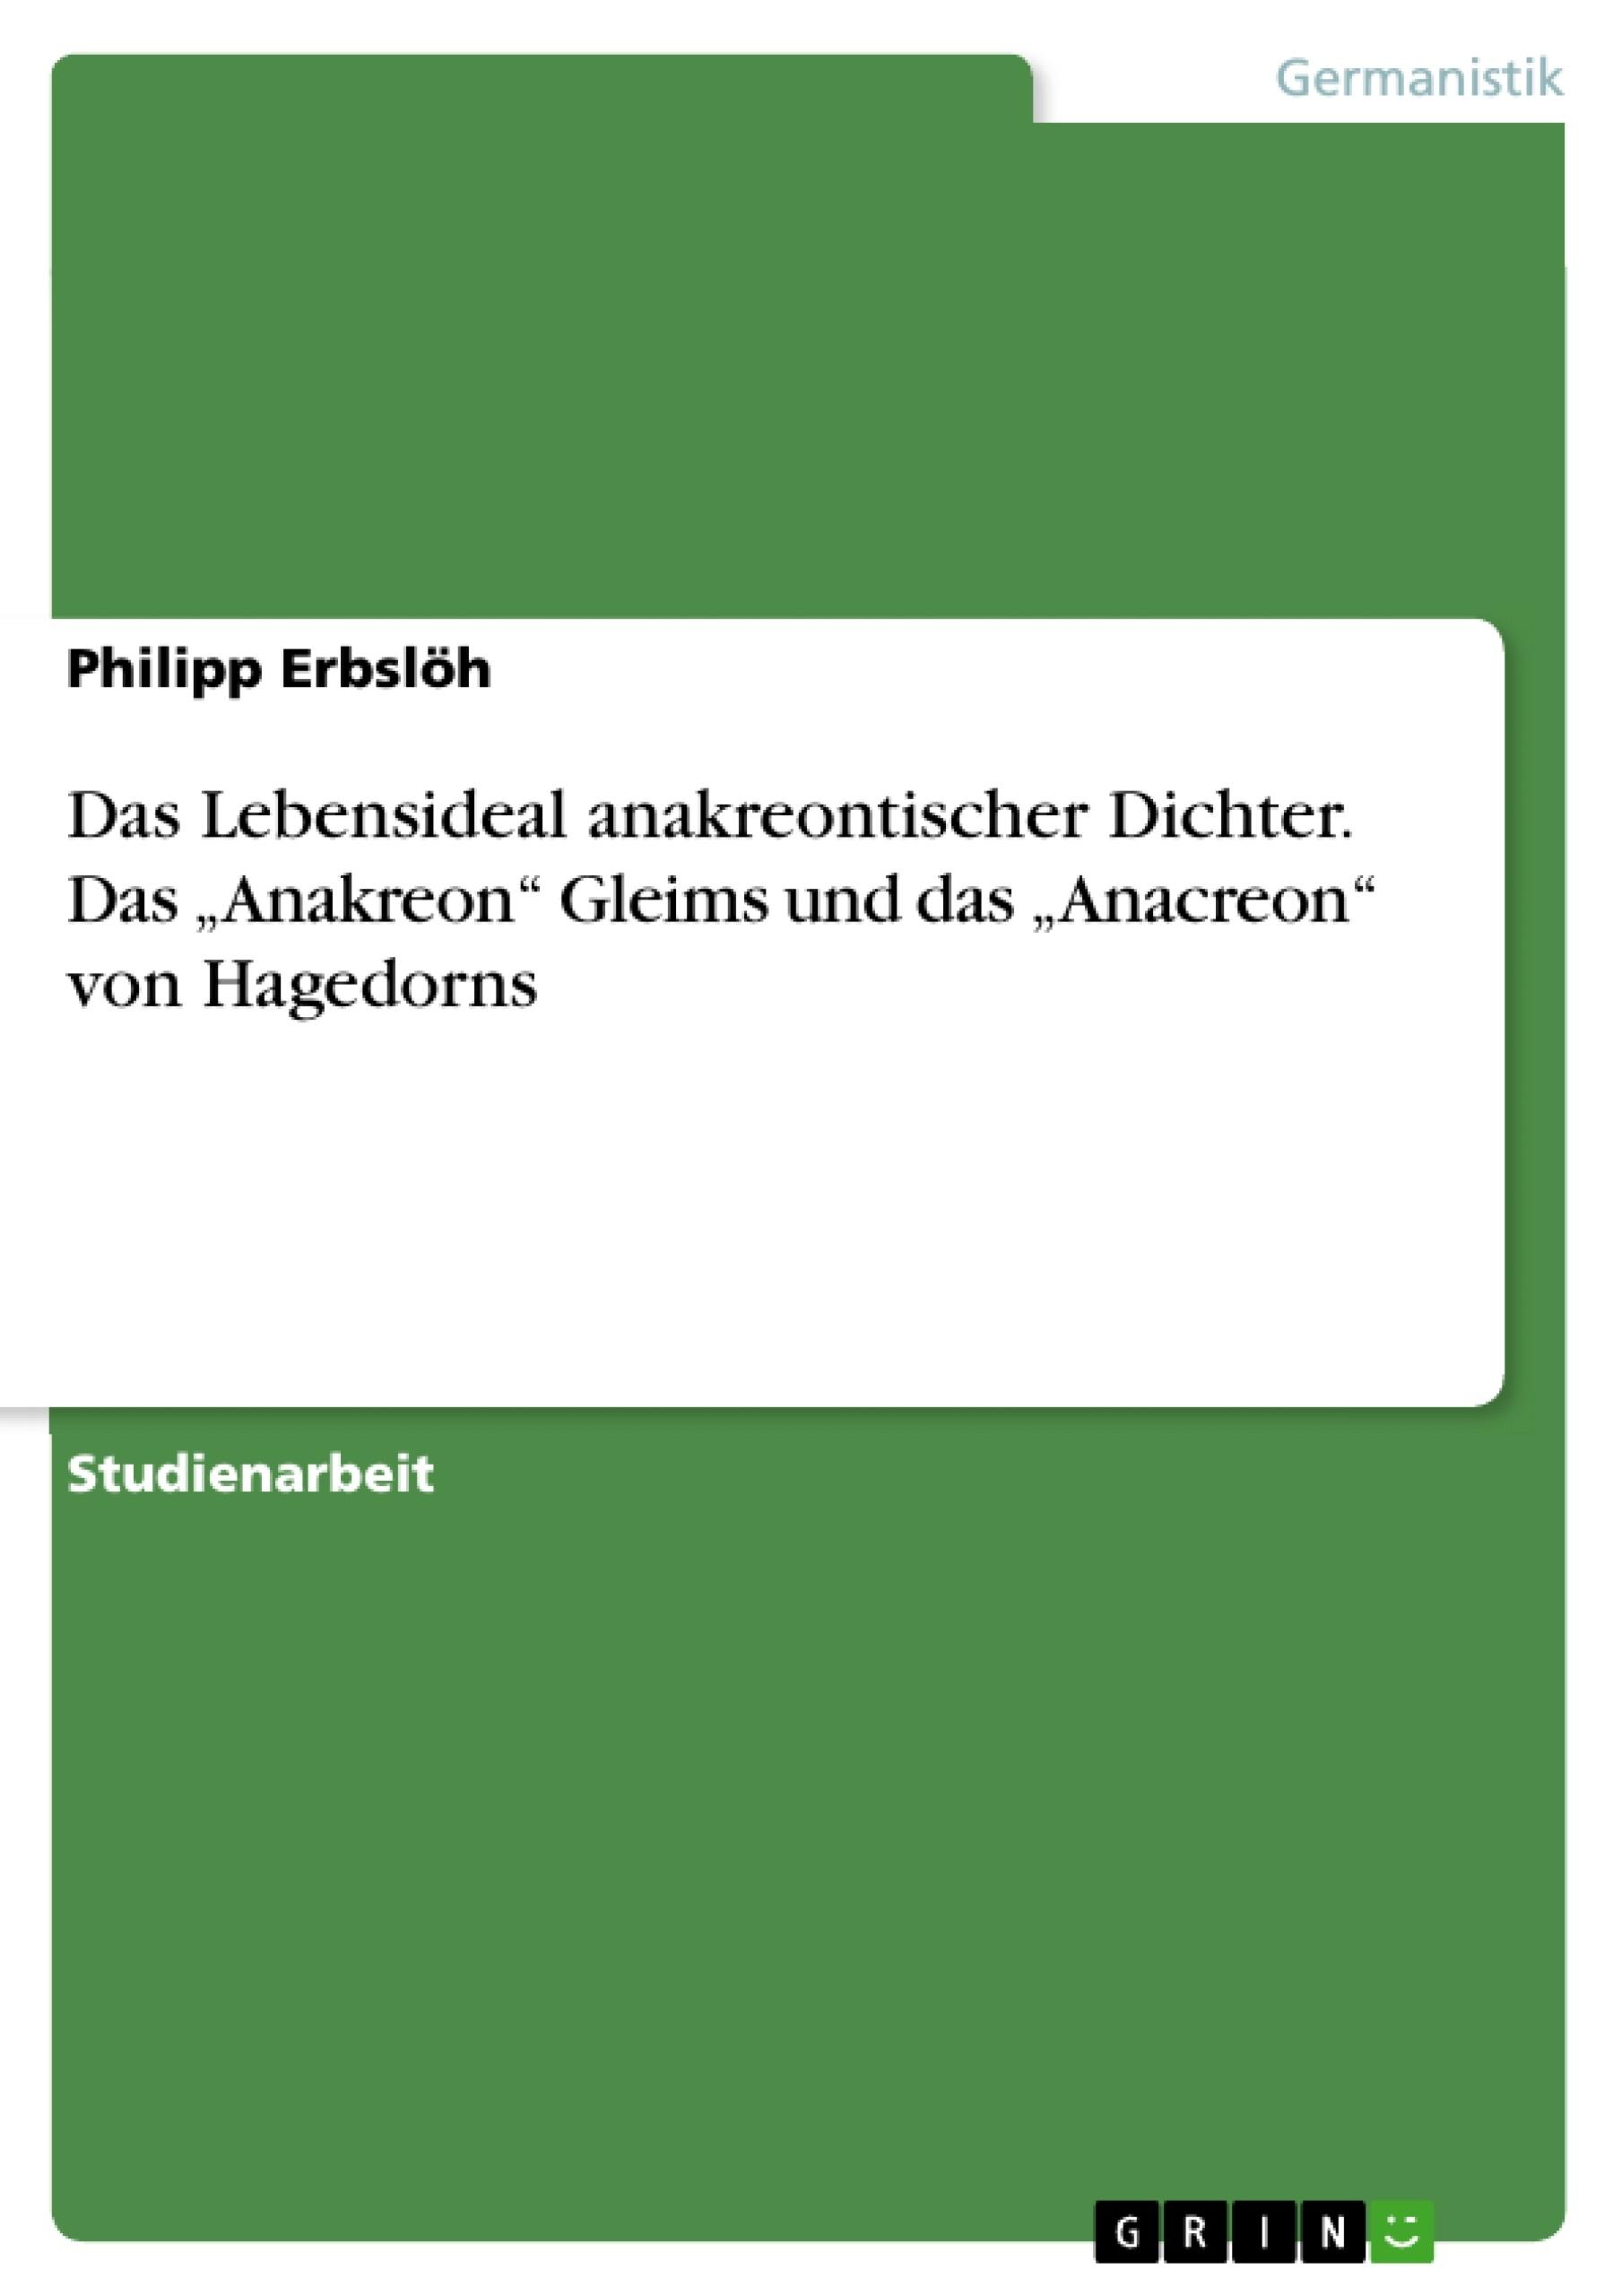 """Titel: Das Lebensideal anakreontischer Dichter. Das """"Anakreon"""" Gleims und das """"Anacreon"""" von Hagedorns"""